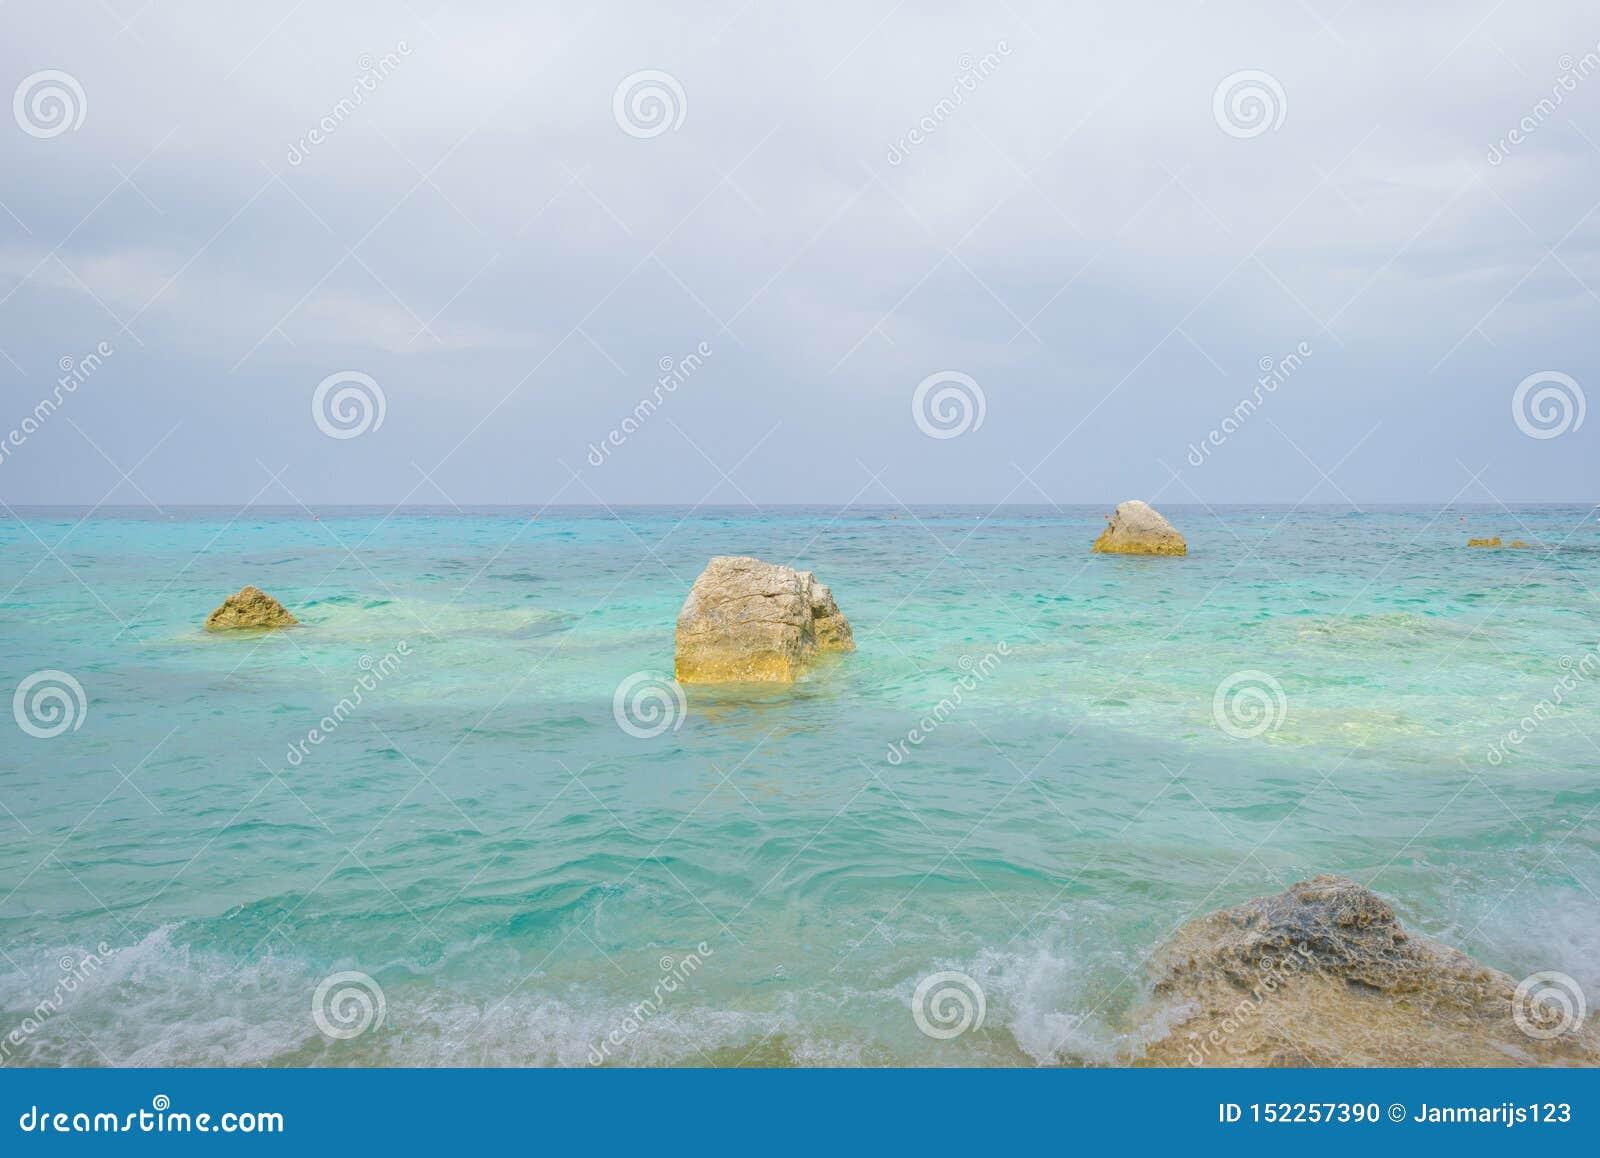 Costa rocosa de la isla de Cerdeña en el mar Mediterráneo en sunligh